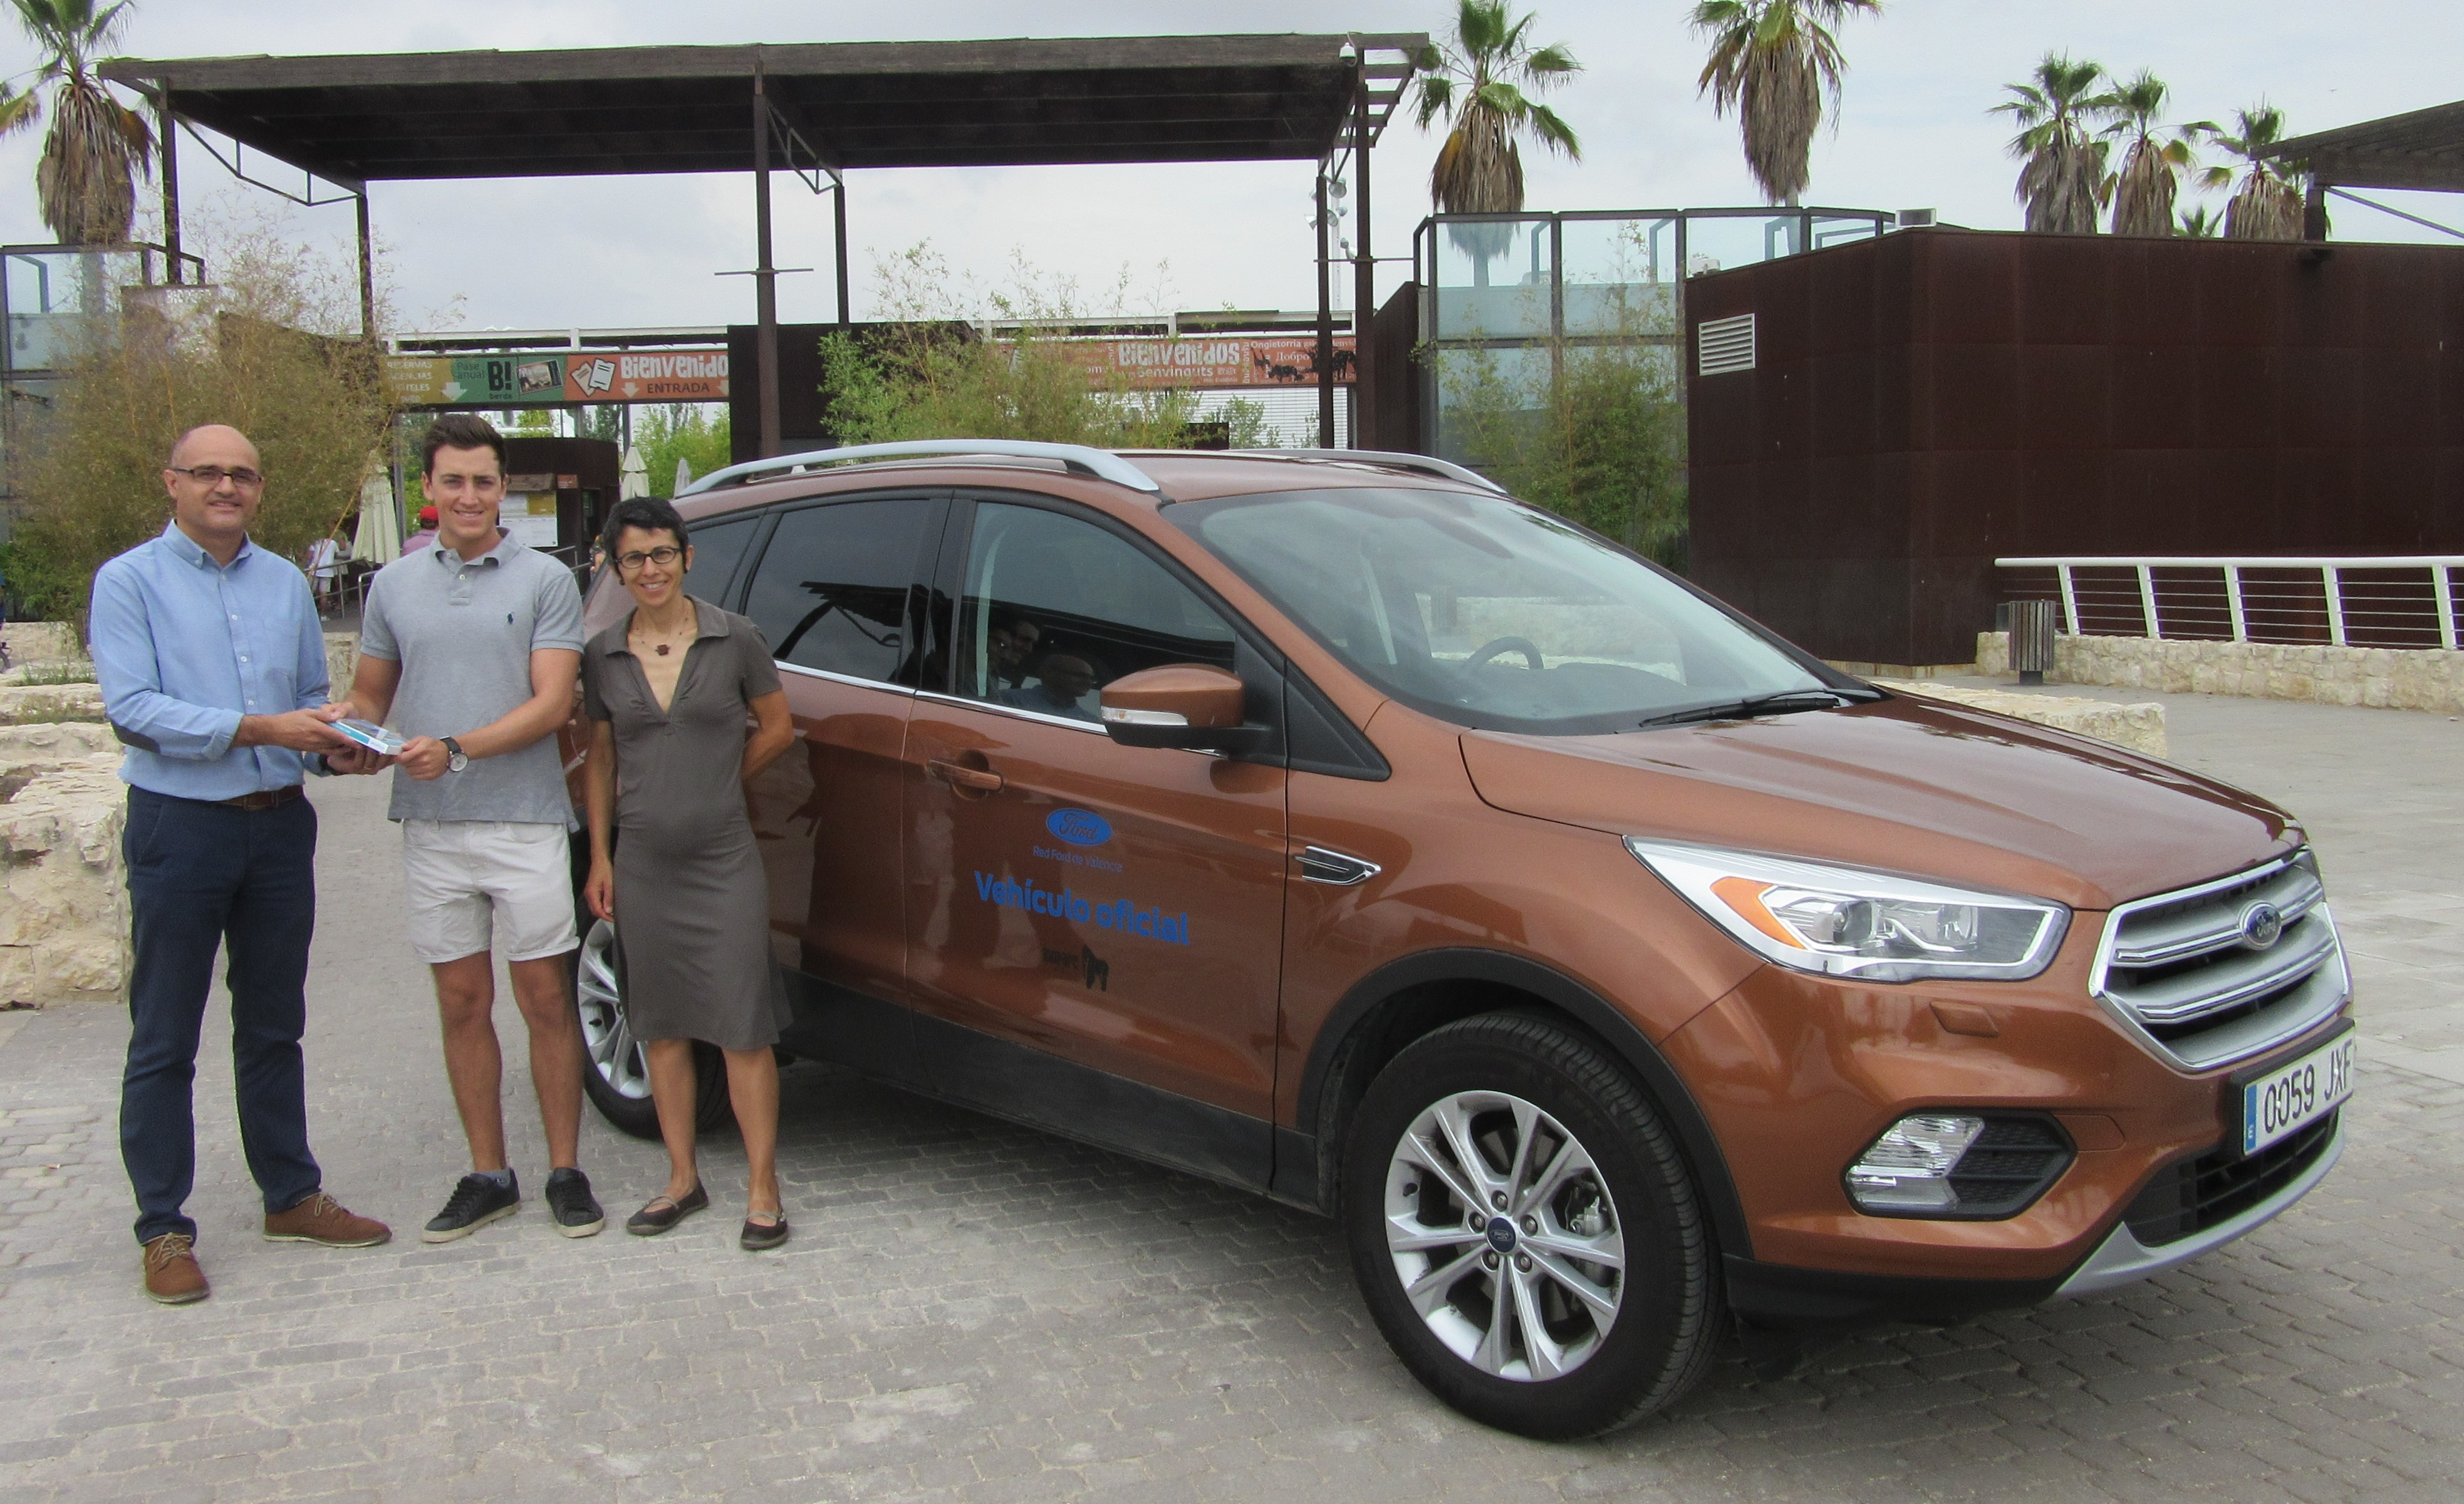 La Red Ford de Valencia entrega el premio del sorteo realizado en Bioparc